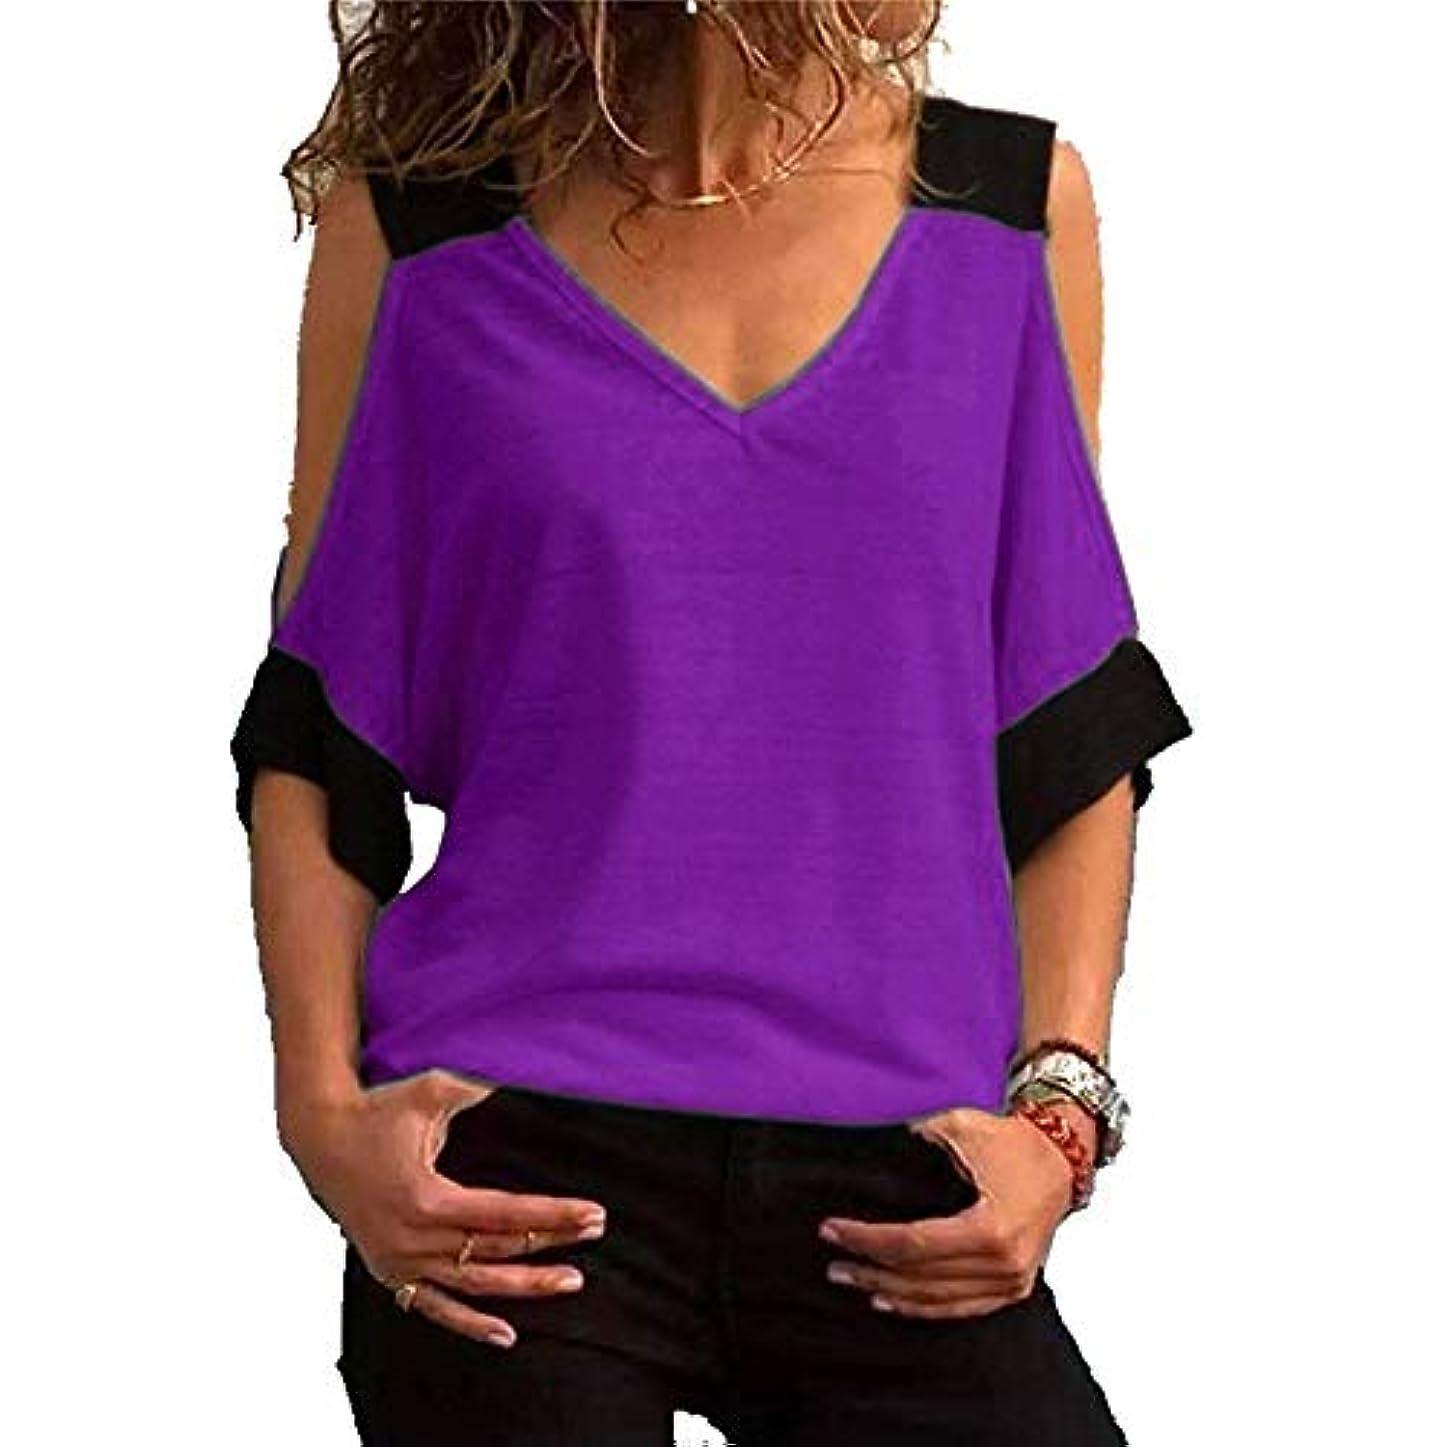 夢求める盗難MIFAN女性ファッションカジュアルトップス女性ショルダーブラウスコットンTシャツディープVネック半袖